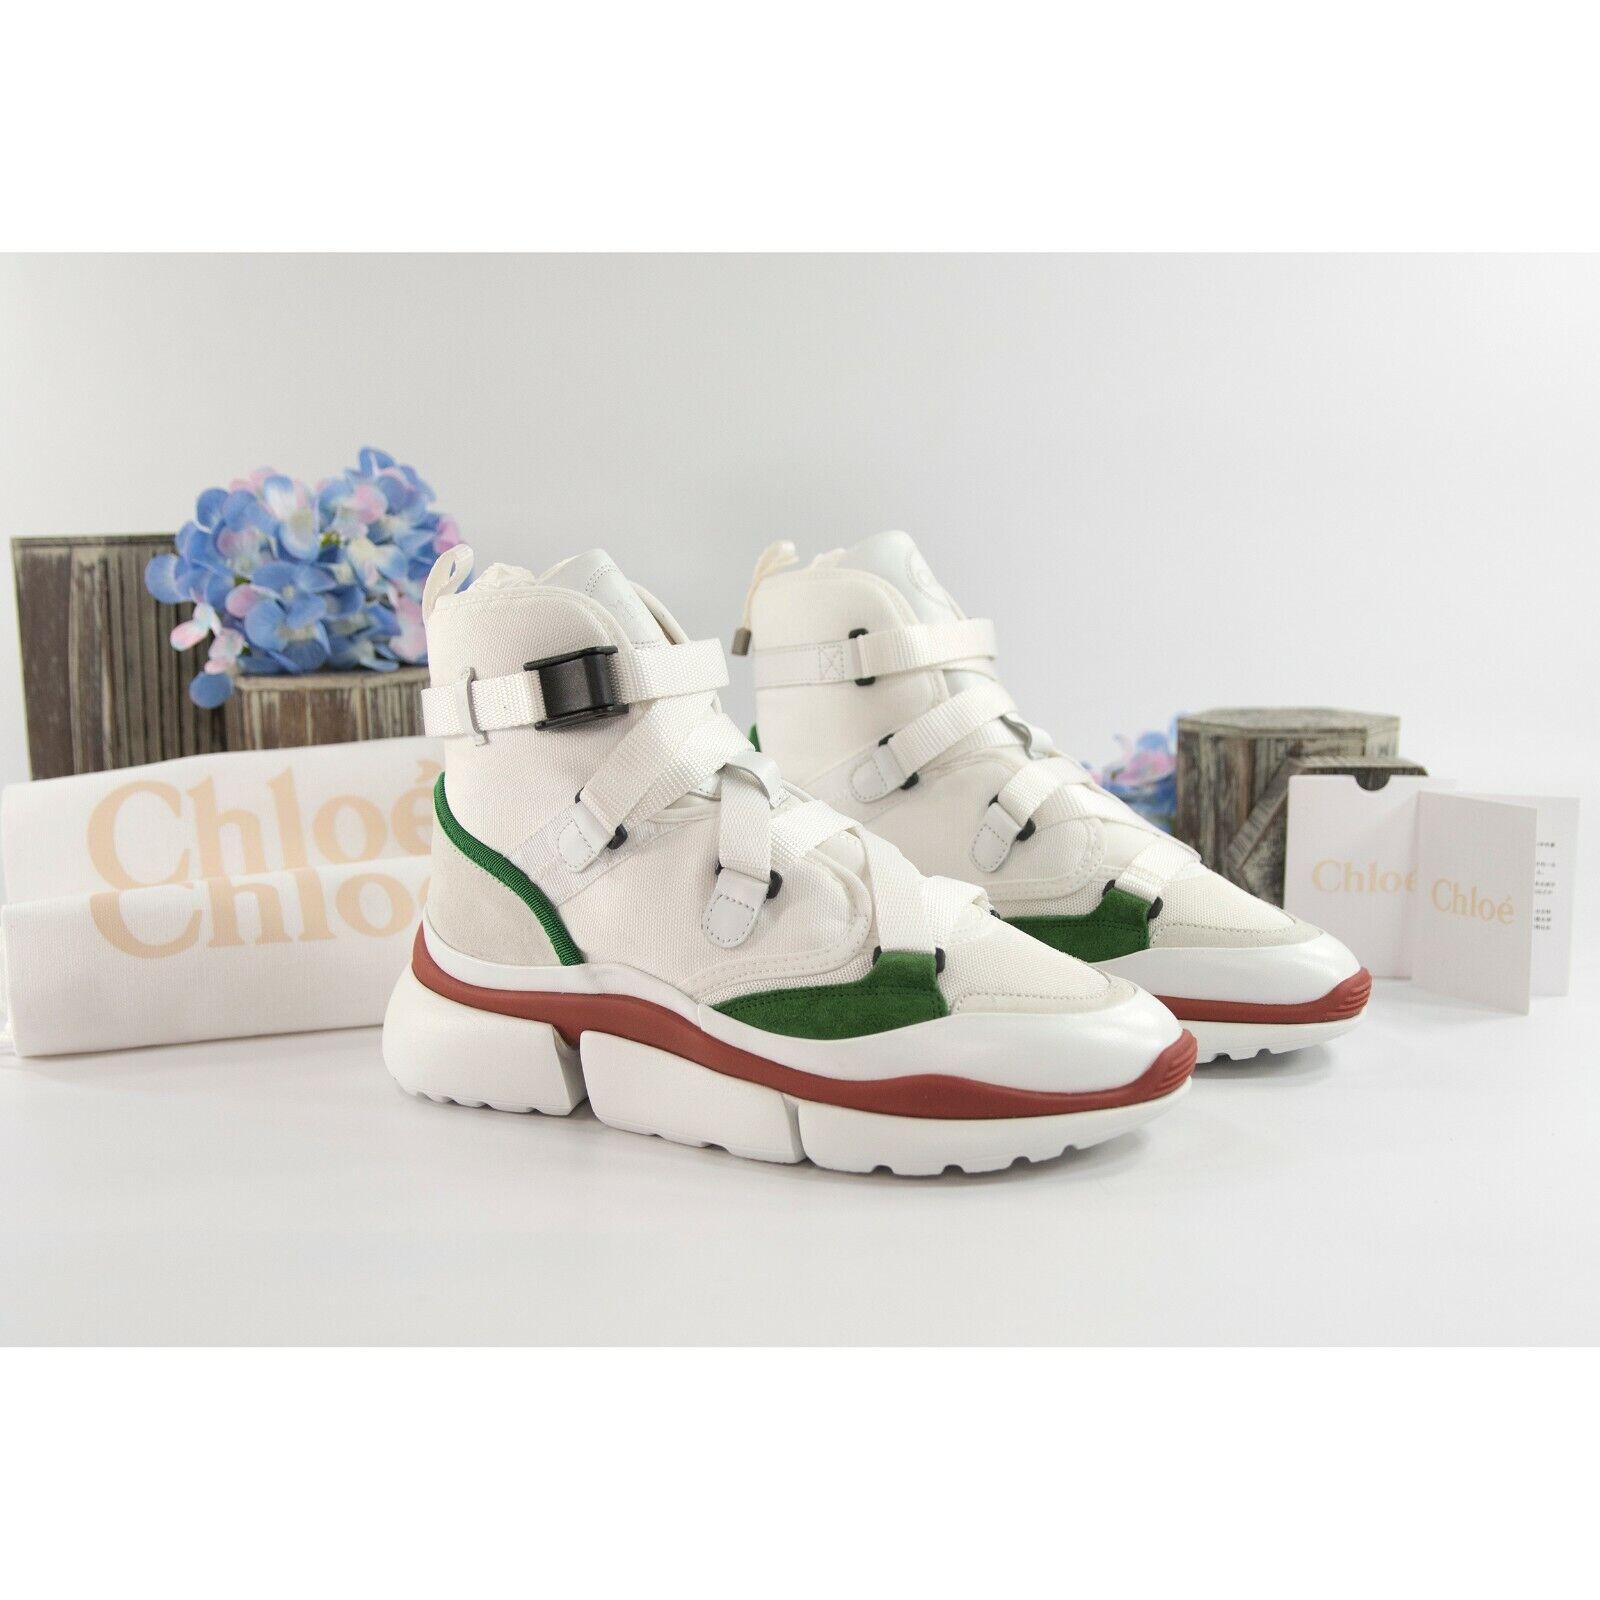 Chloe Sonnie blanc jungle vert tissu en cuir High Top Sneakers Taille 38 Neuf dans sa boîte